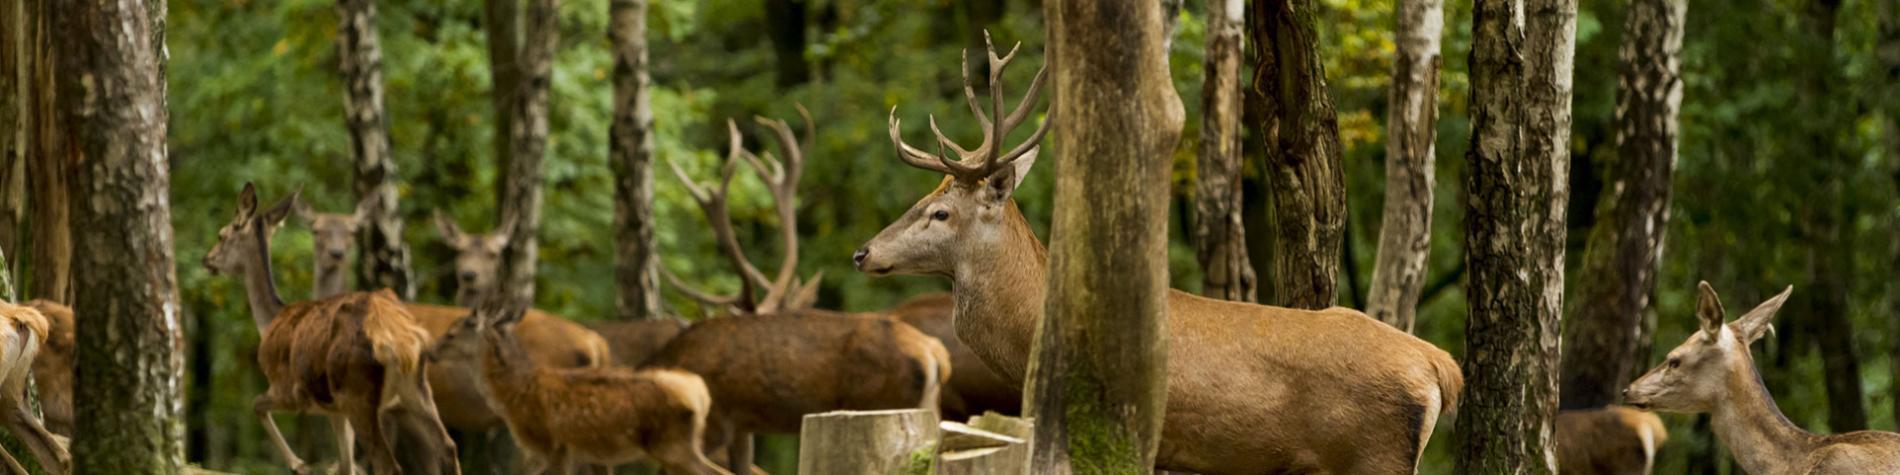 Wild Park Coo - parc animalier - Ardenne - Cascades - train touristique